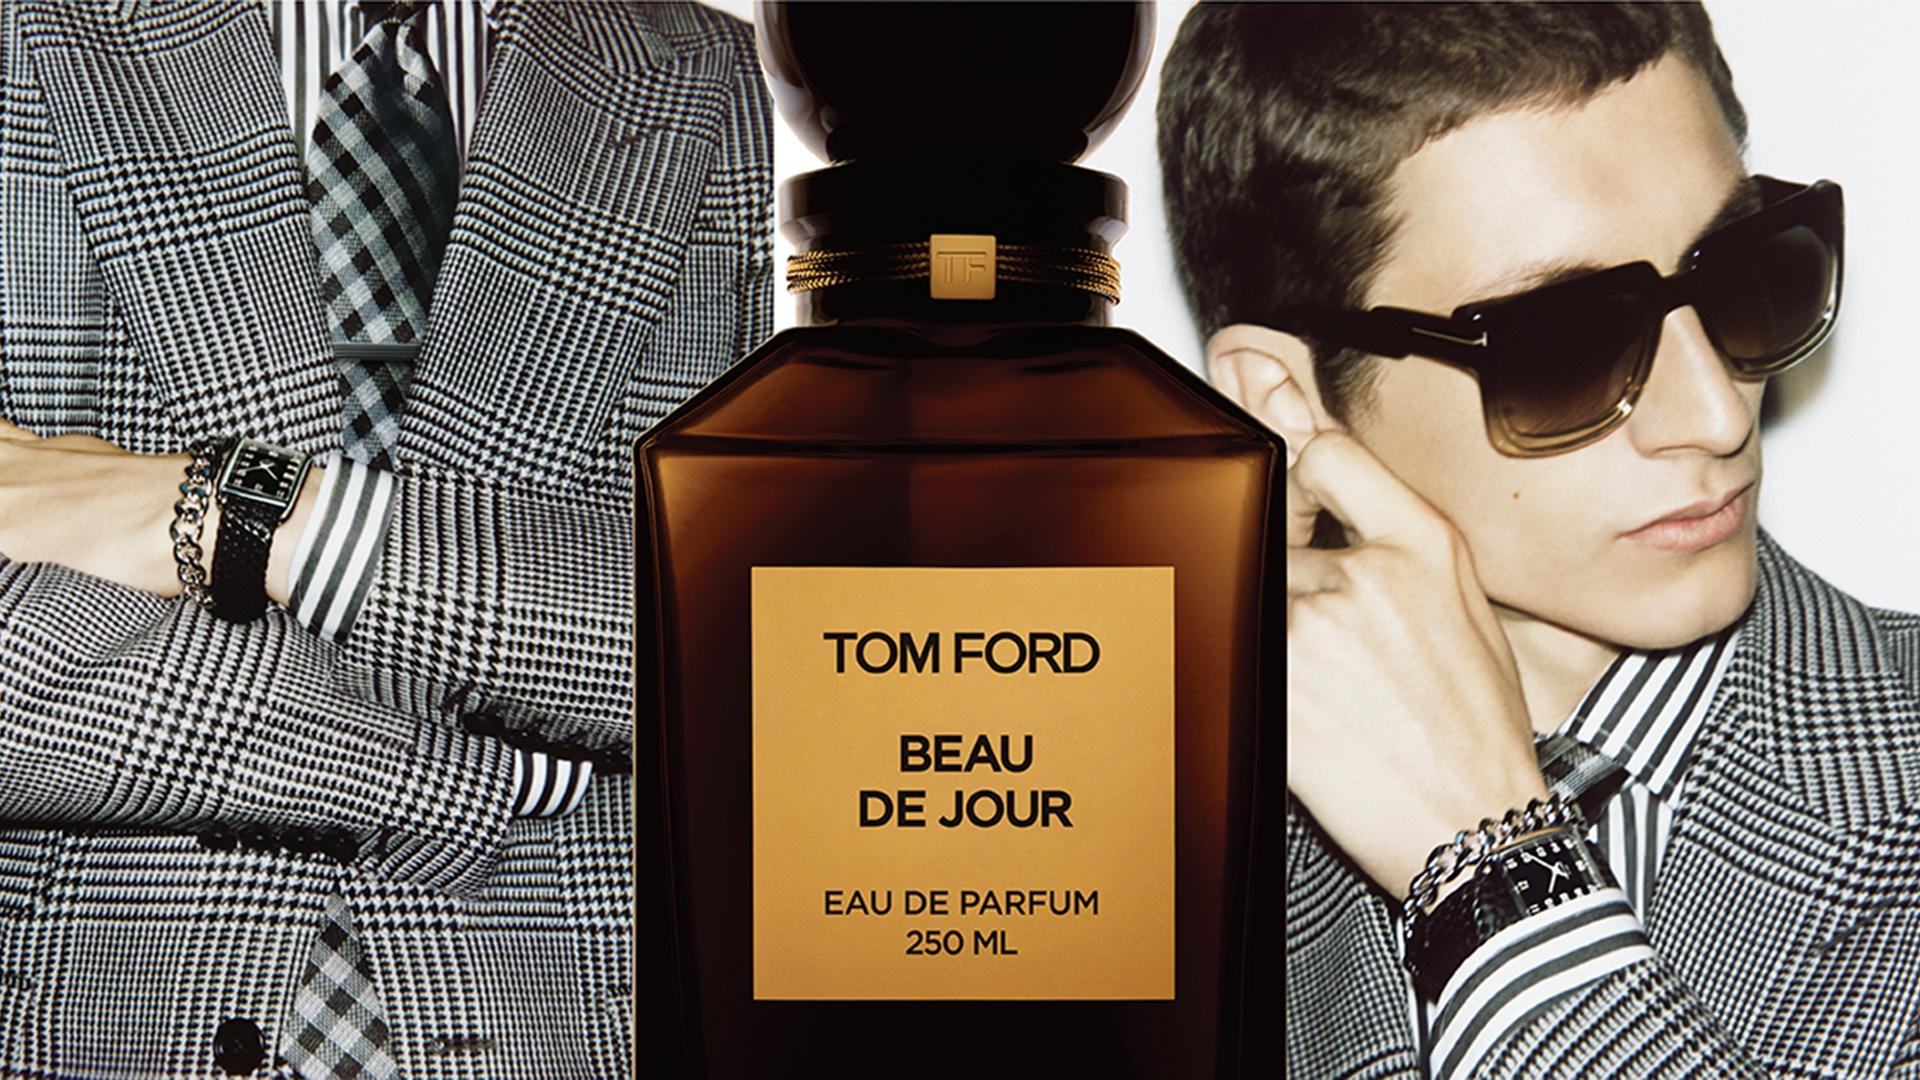 Beau de Jour de Tom Ford